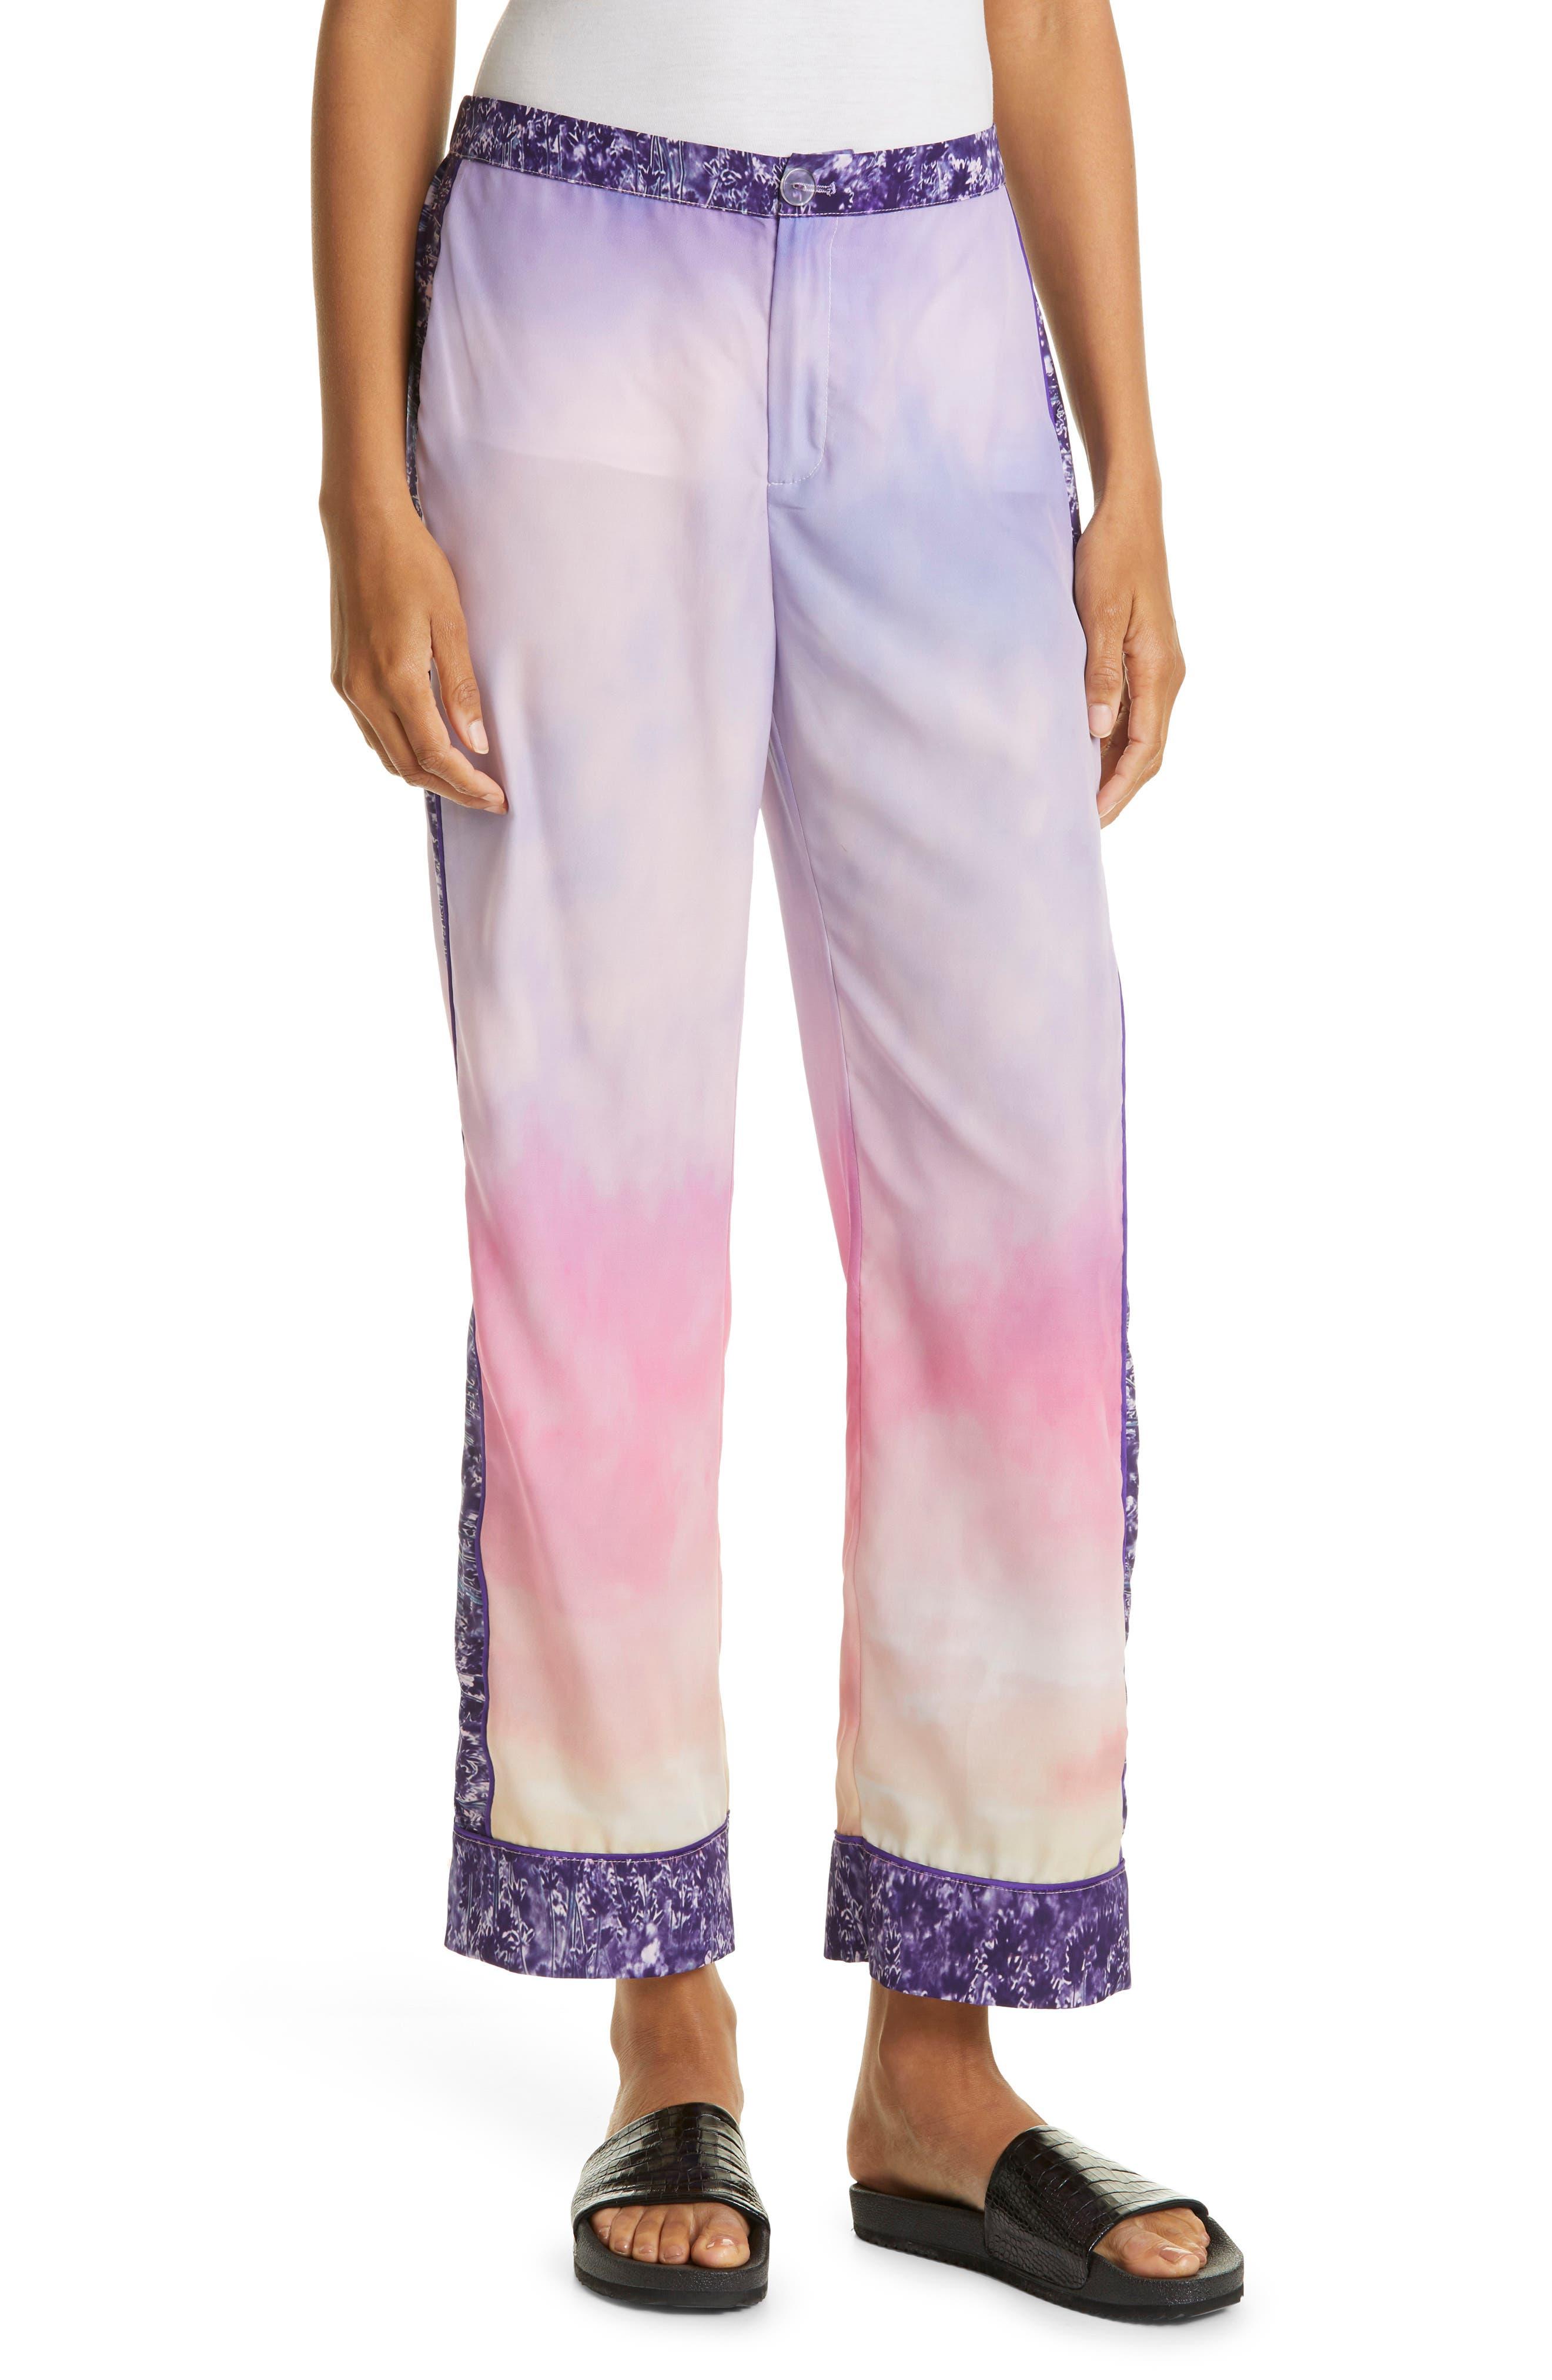 Sunset Wool & Cashmere Lounge Pants